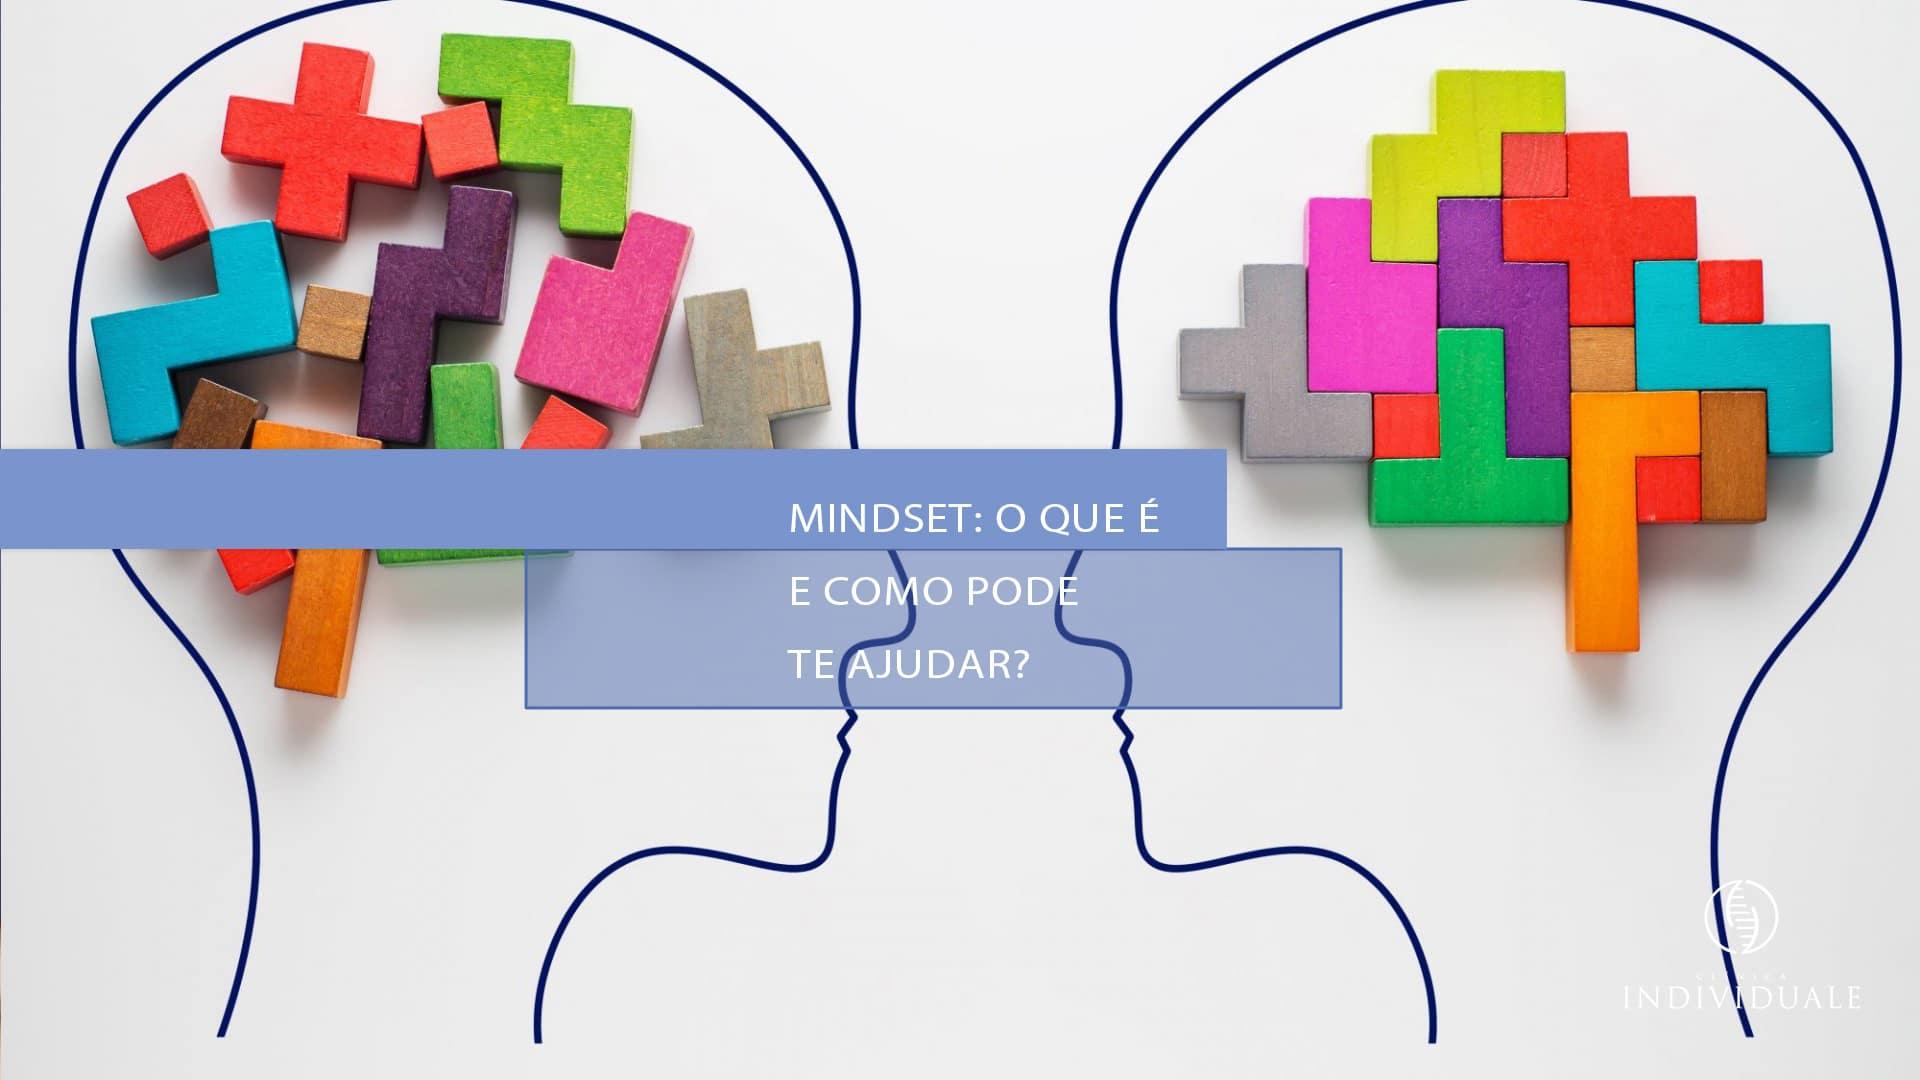 Mindset: O que é e Como Pode te Ajudar?